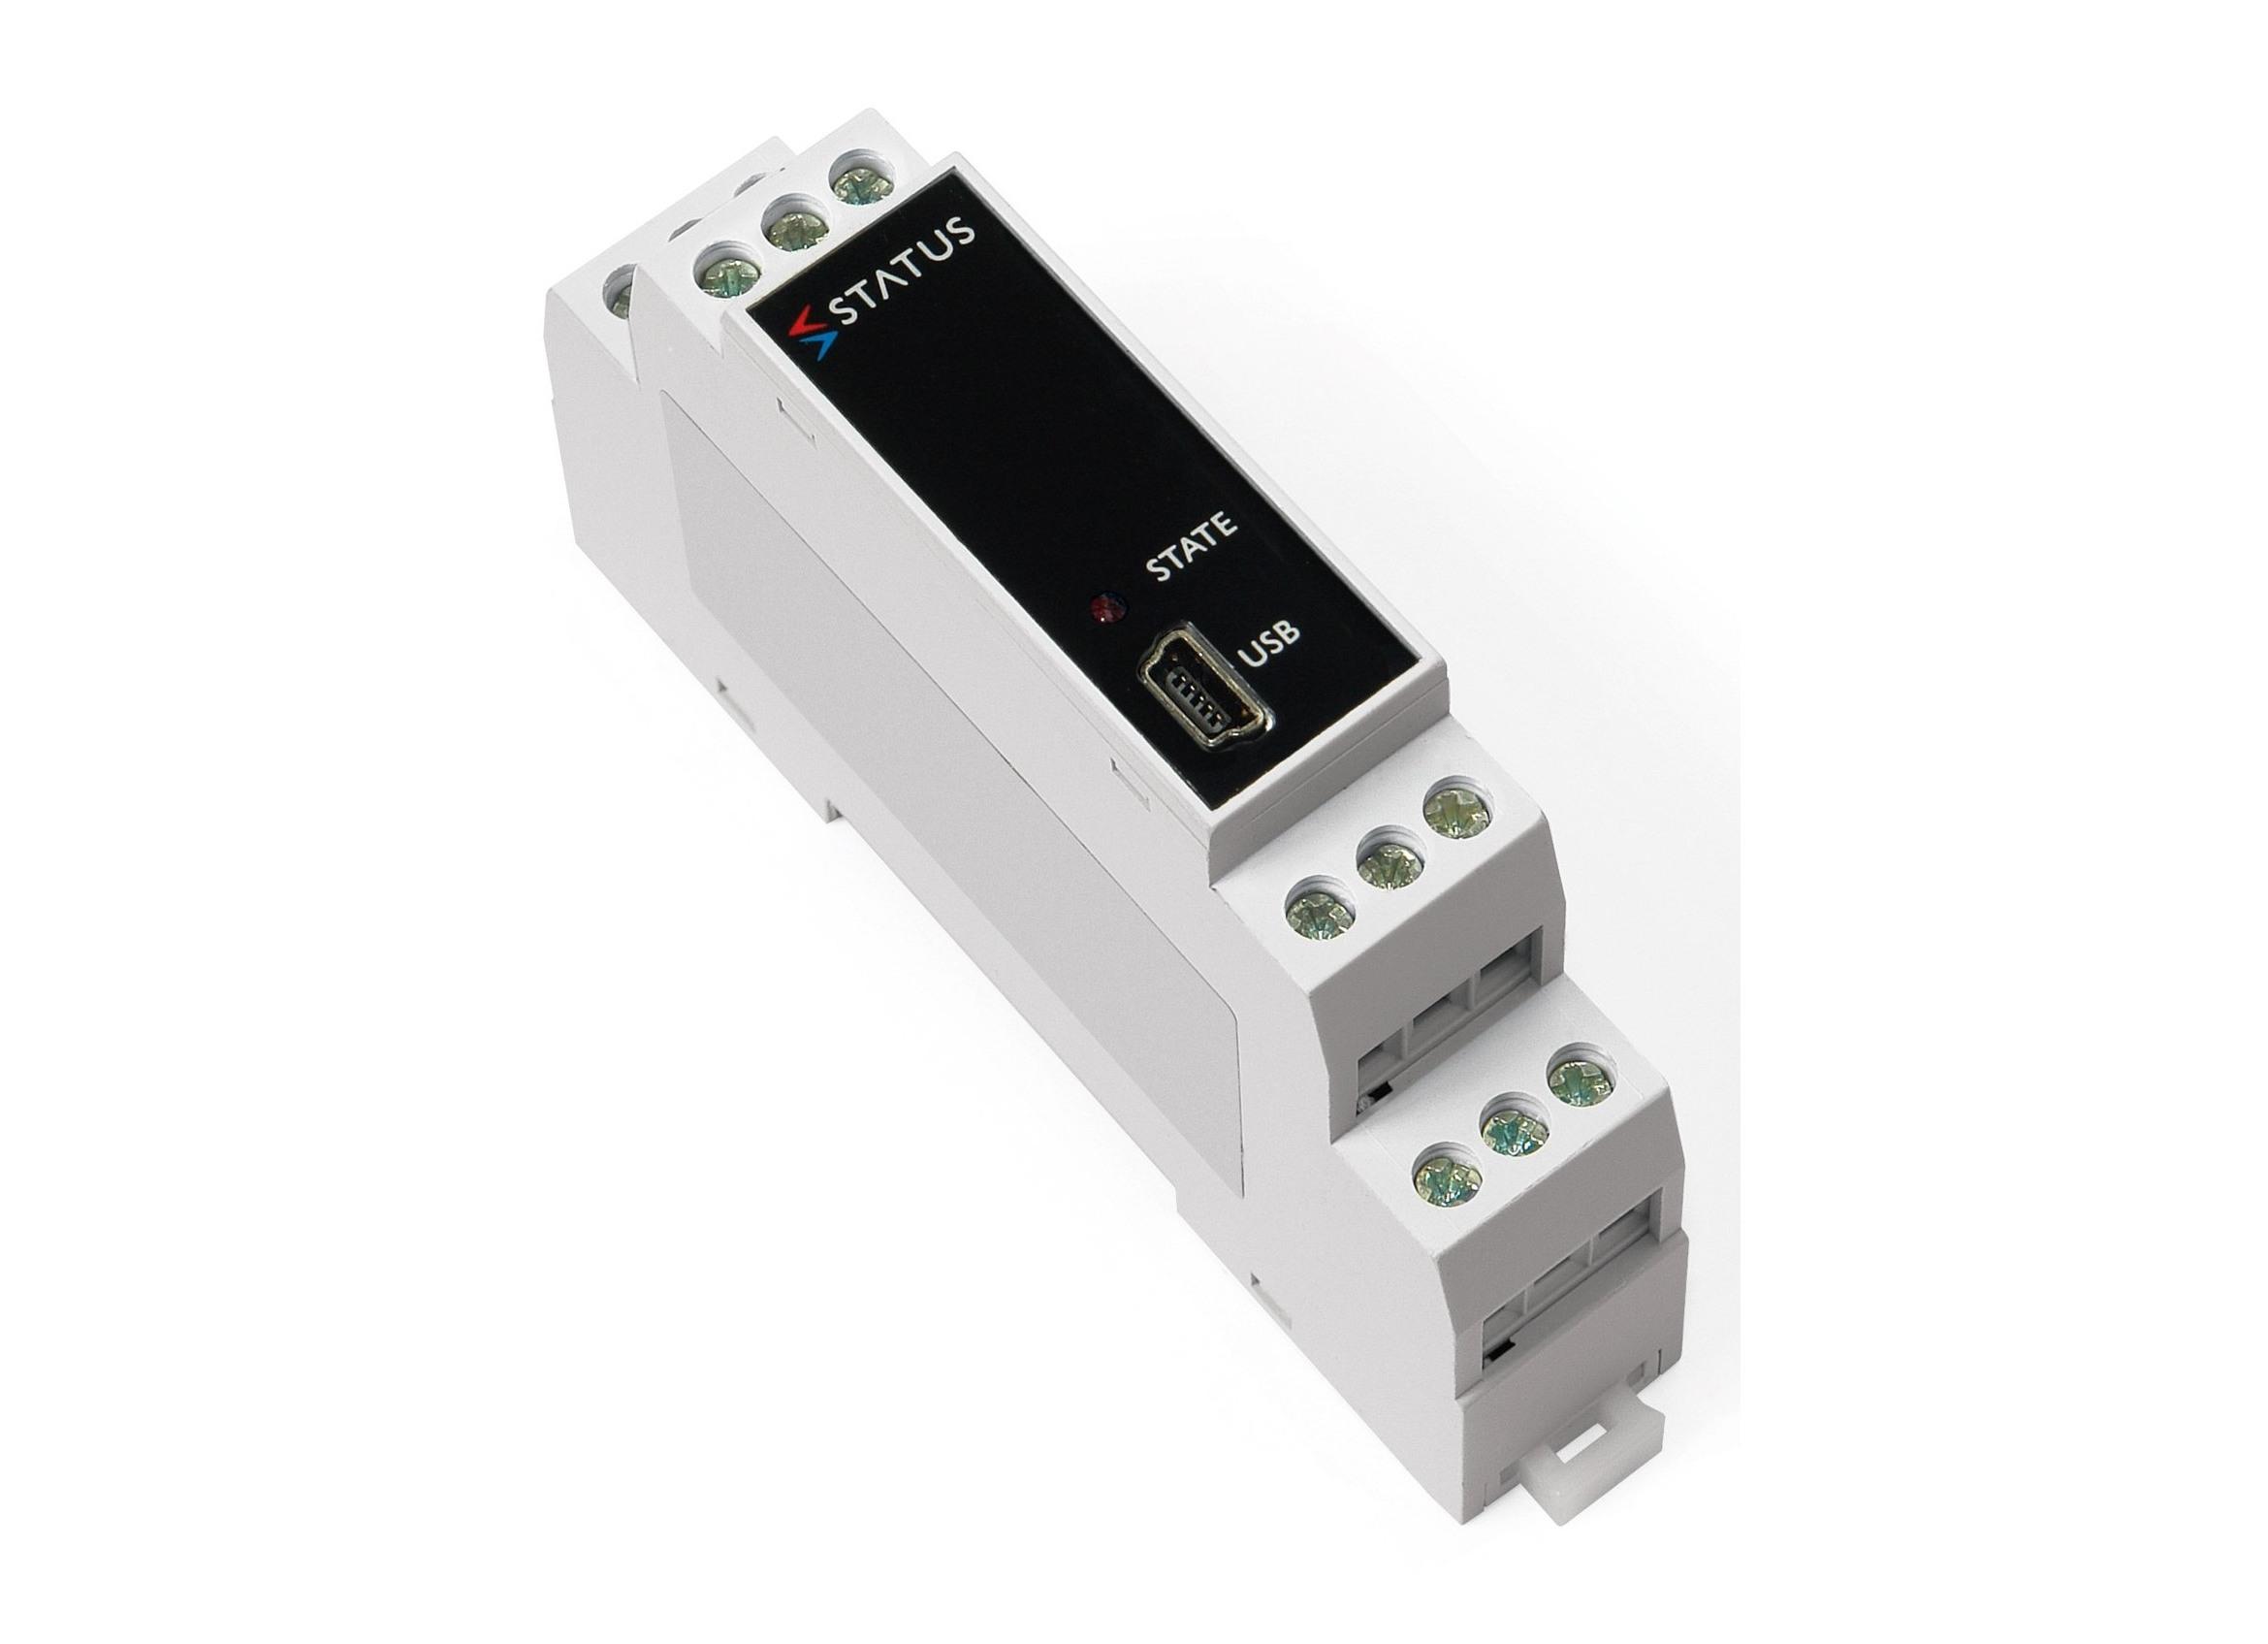 SEM1600F - geeignet für Frequenz und Puls-Sensoren